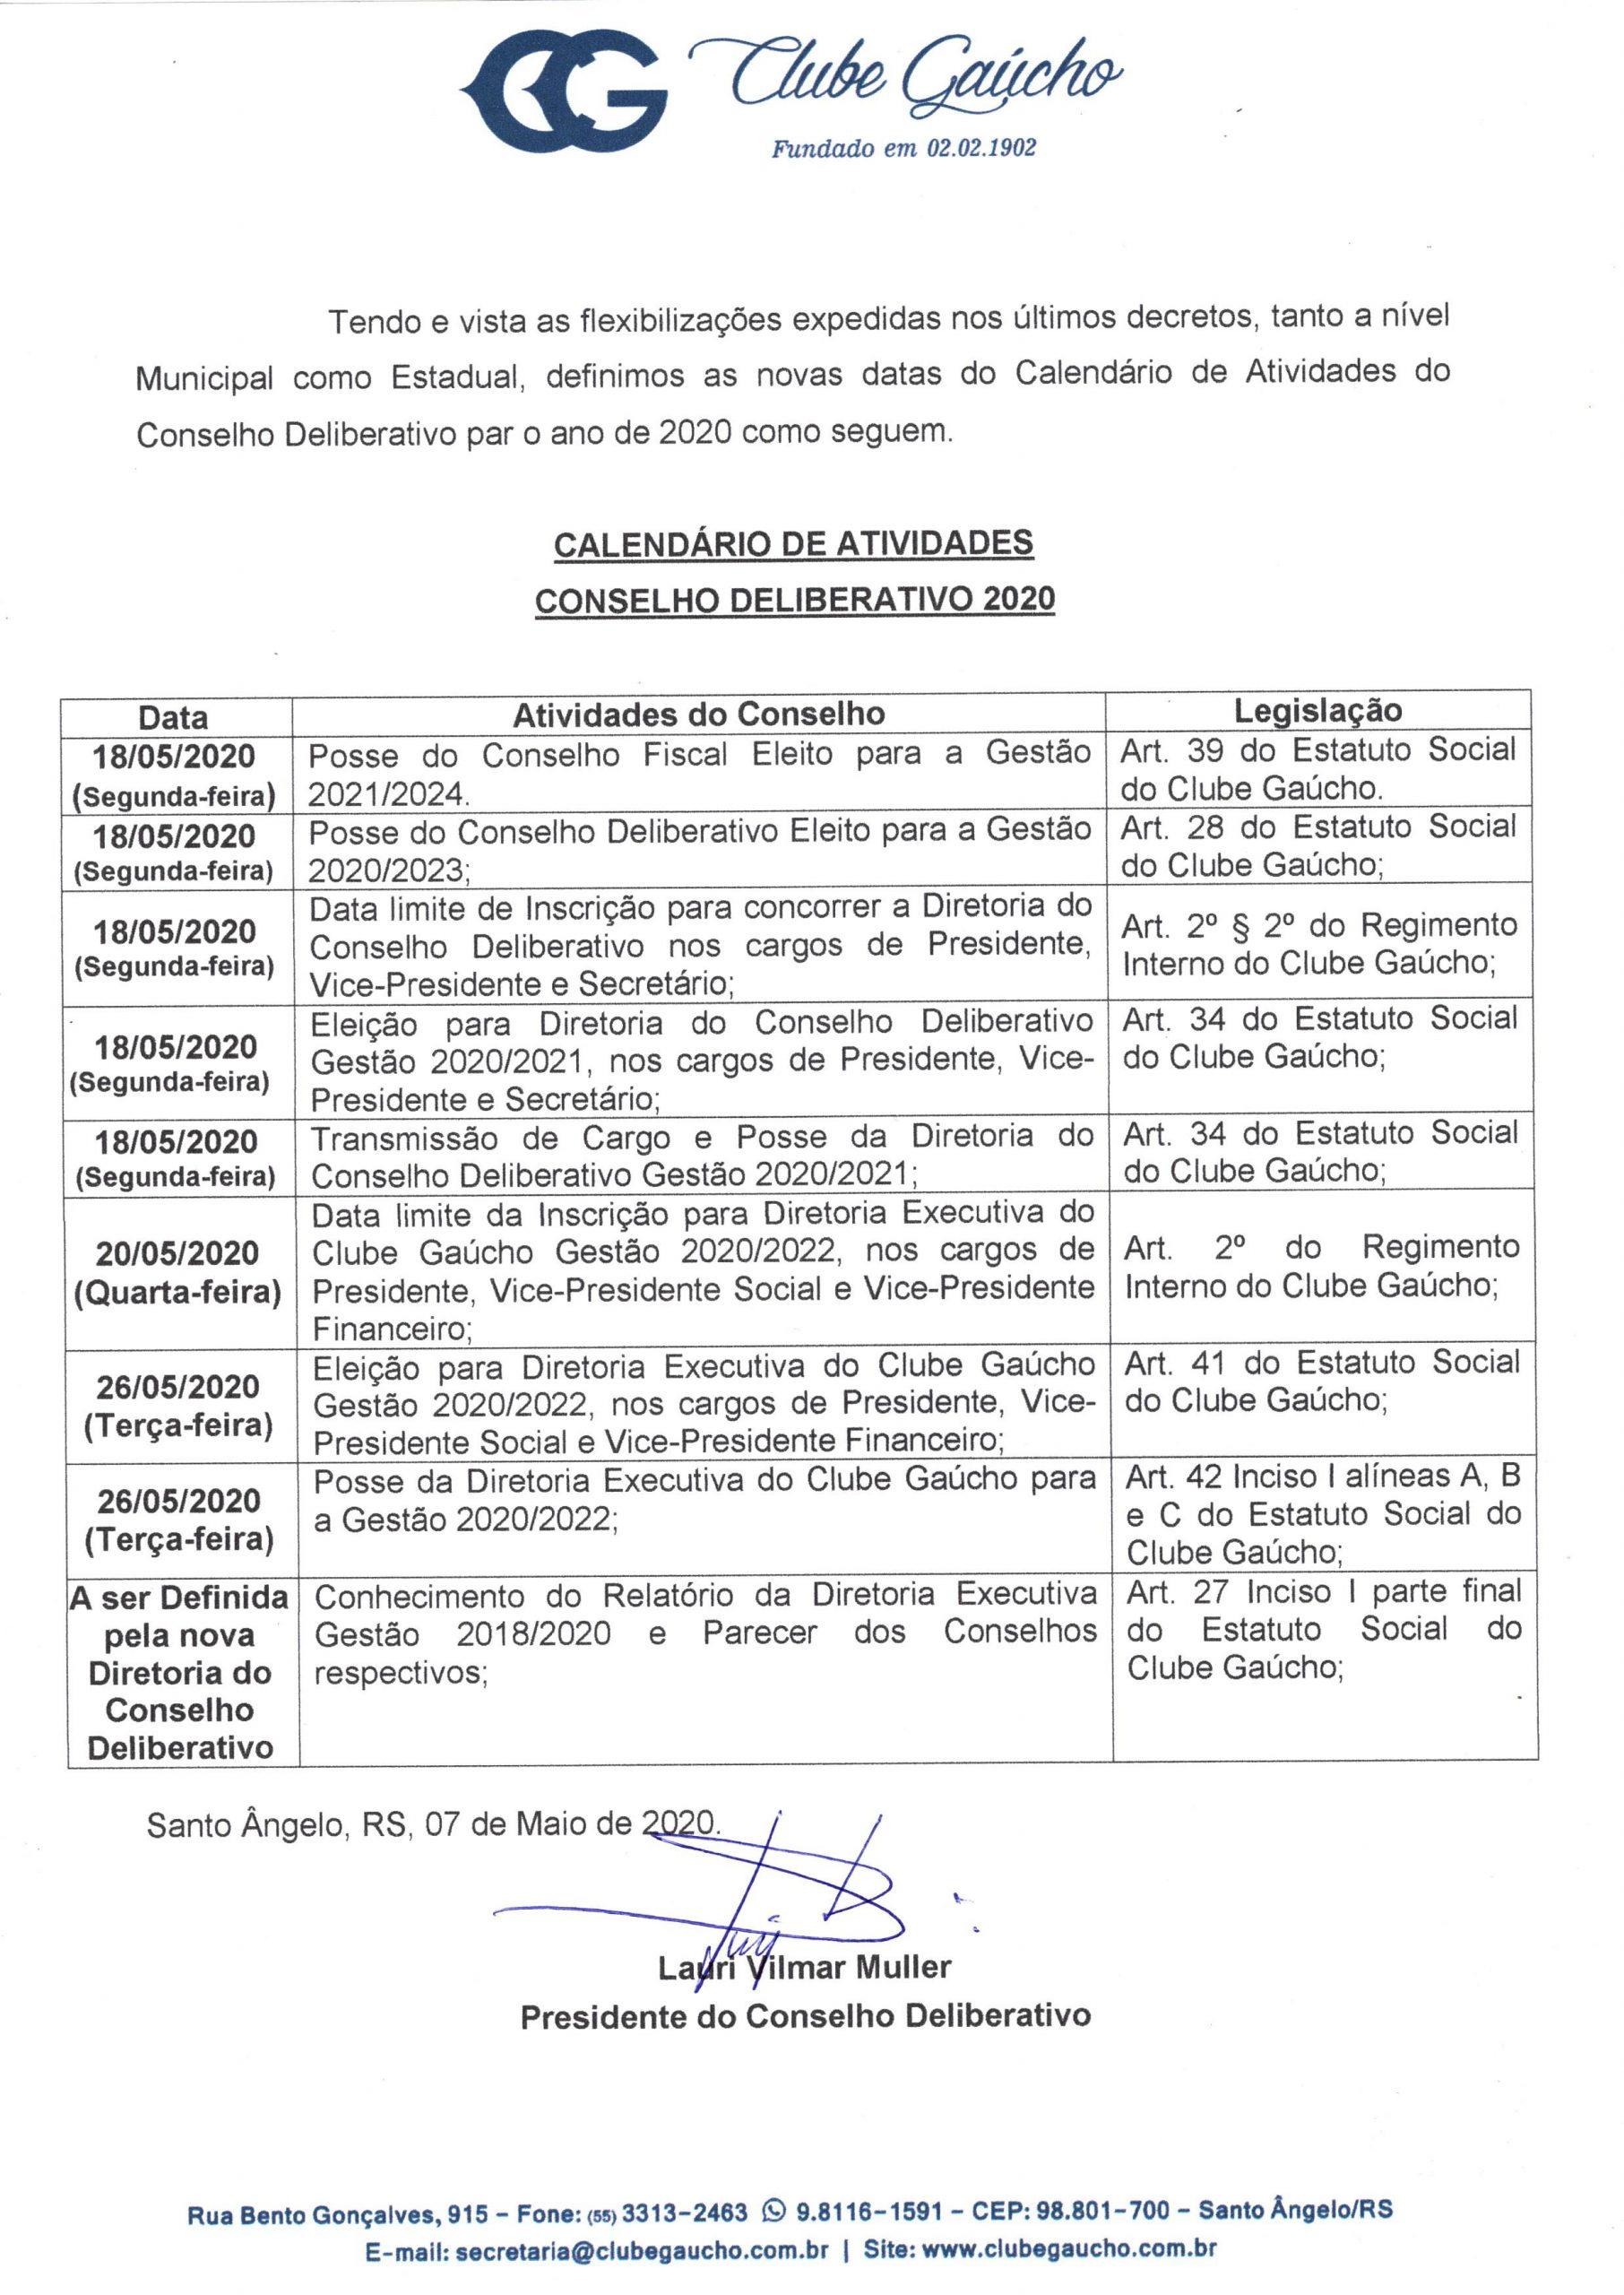 CALENDÁRIO DE ATIVIDADES CONSELHO DELIBERATIVO 2020